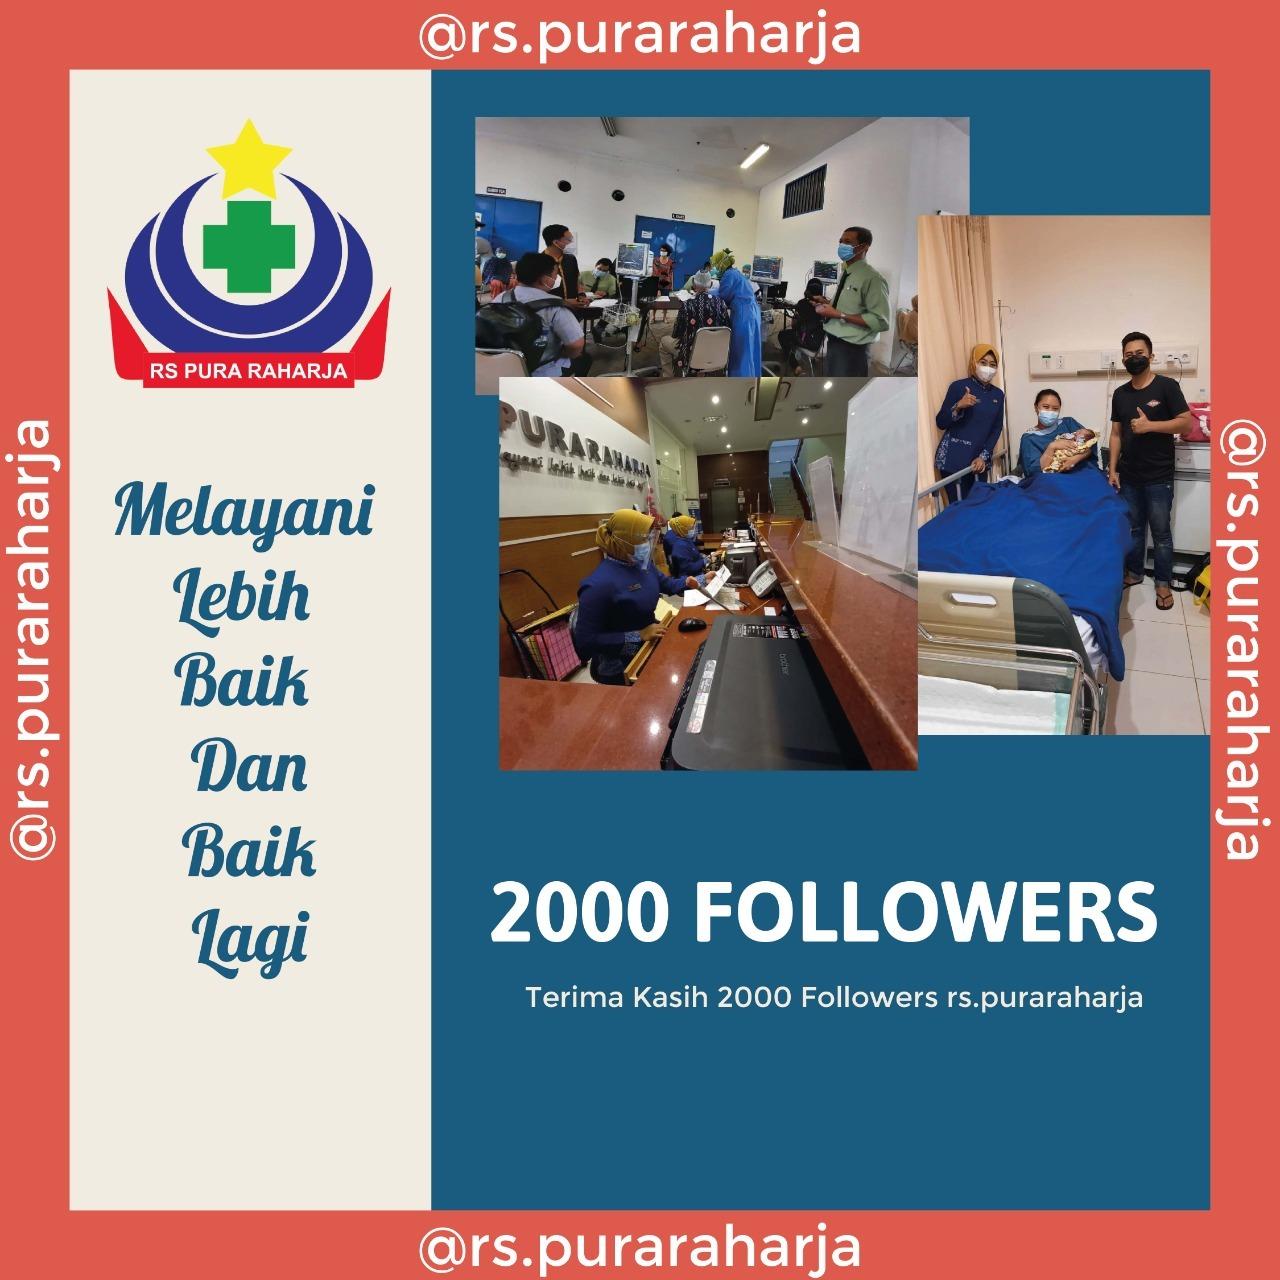 Terima kasih kepercayaan terhadap RS Pura Raharja